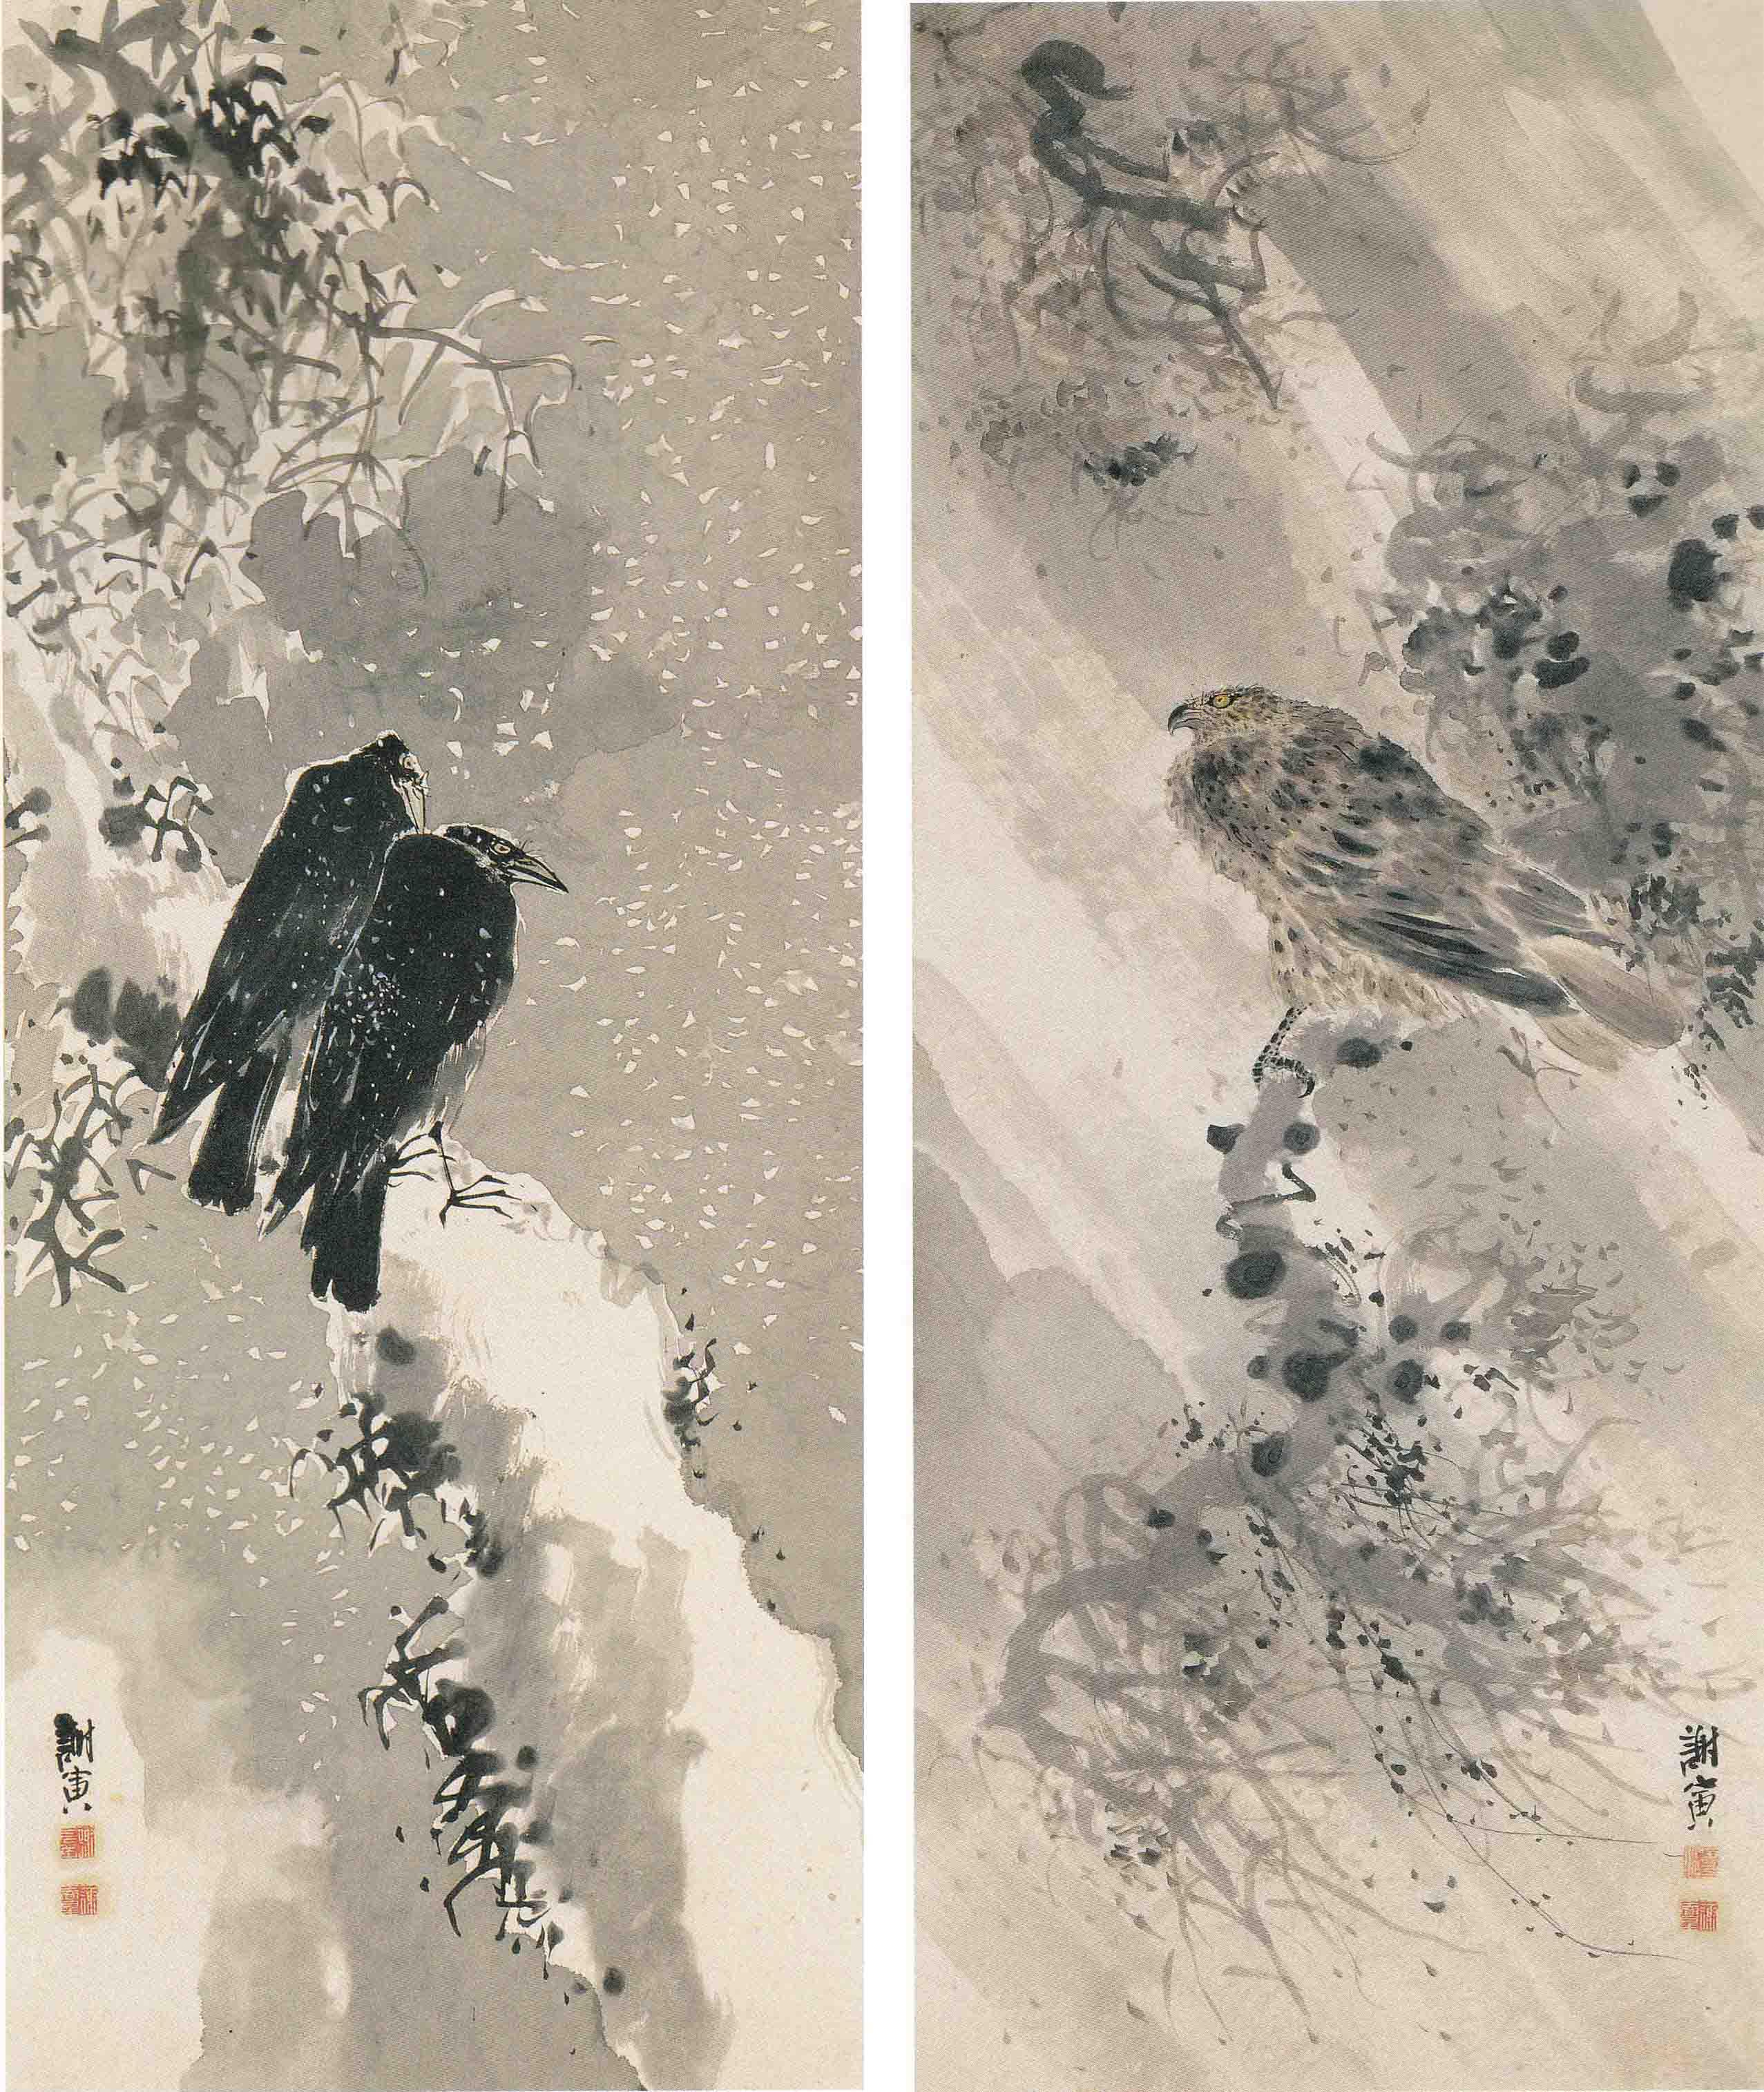 与謝蕪村《鳶・鴉図》 江戸期 北村美術館蔵 重要文化財